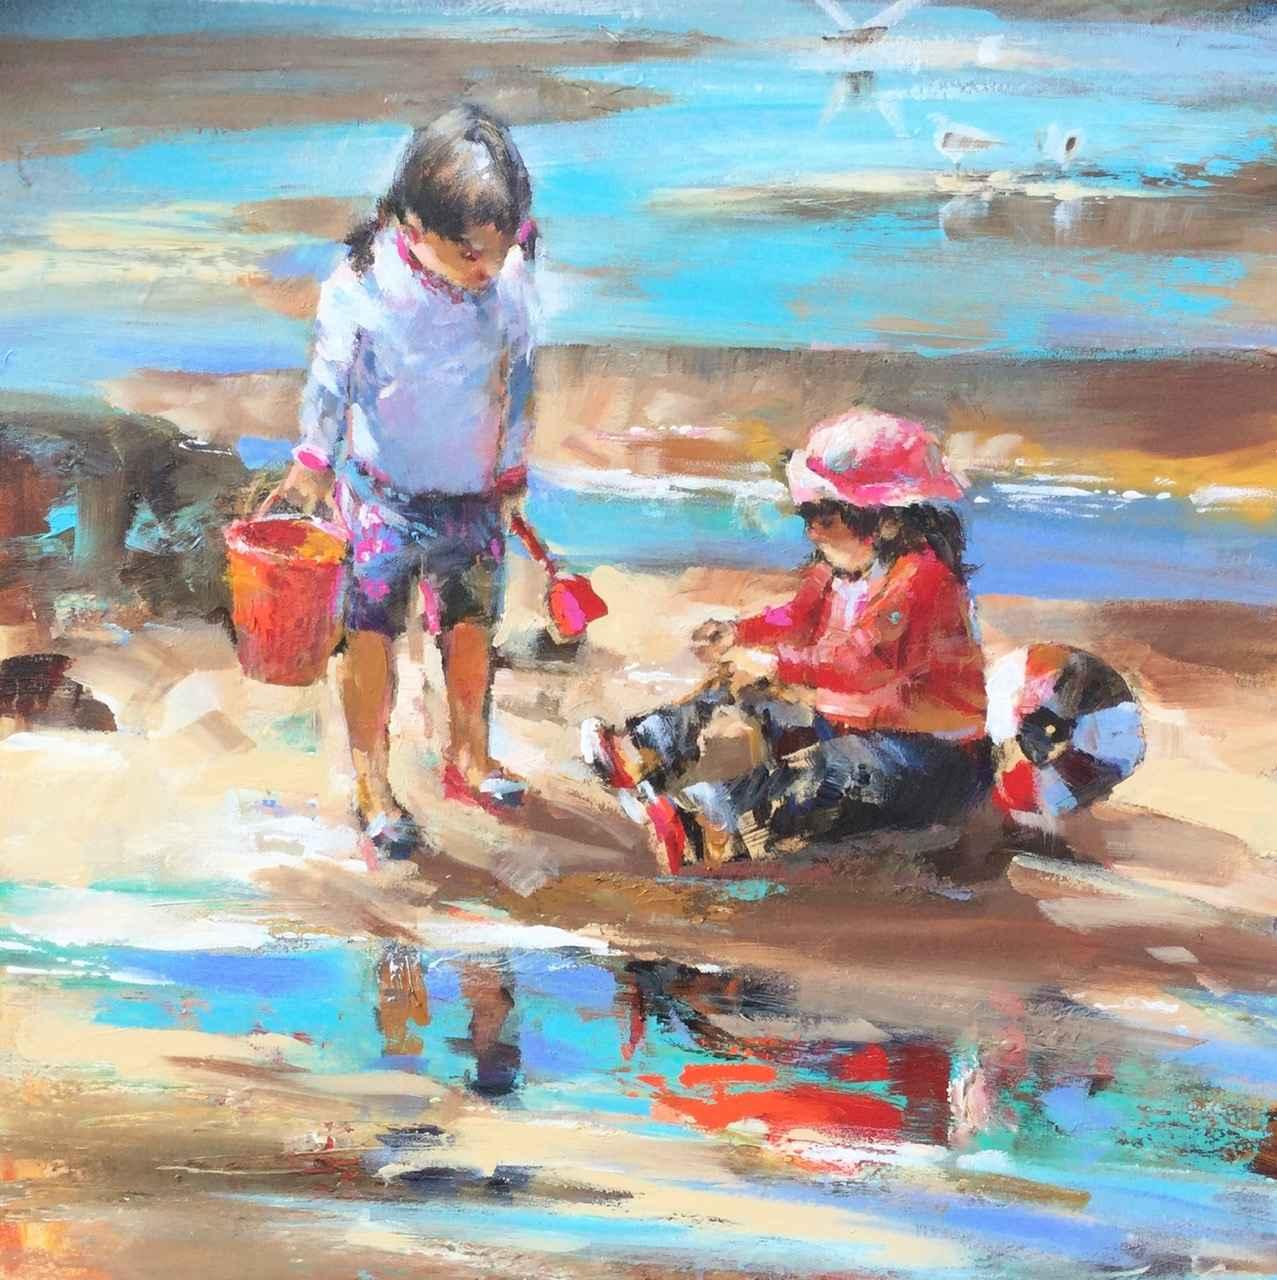 Beach Day by  Brent Heighton - Masterpiece Online